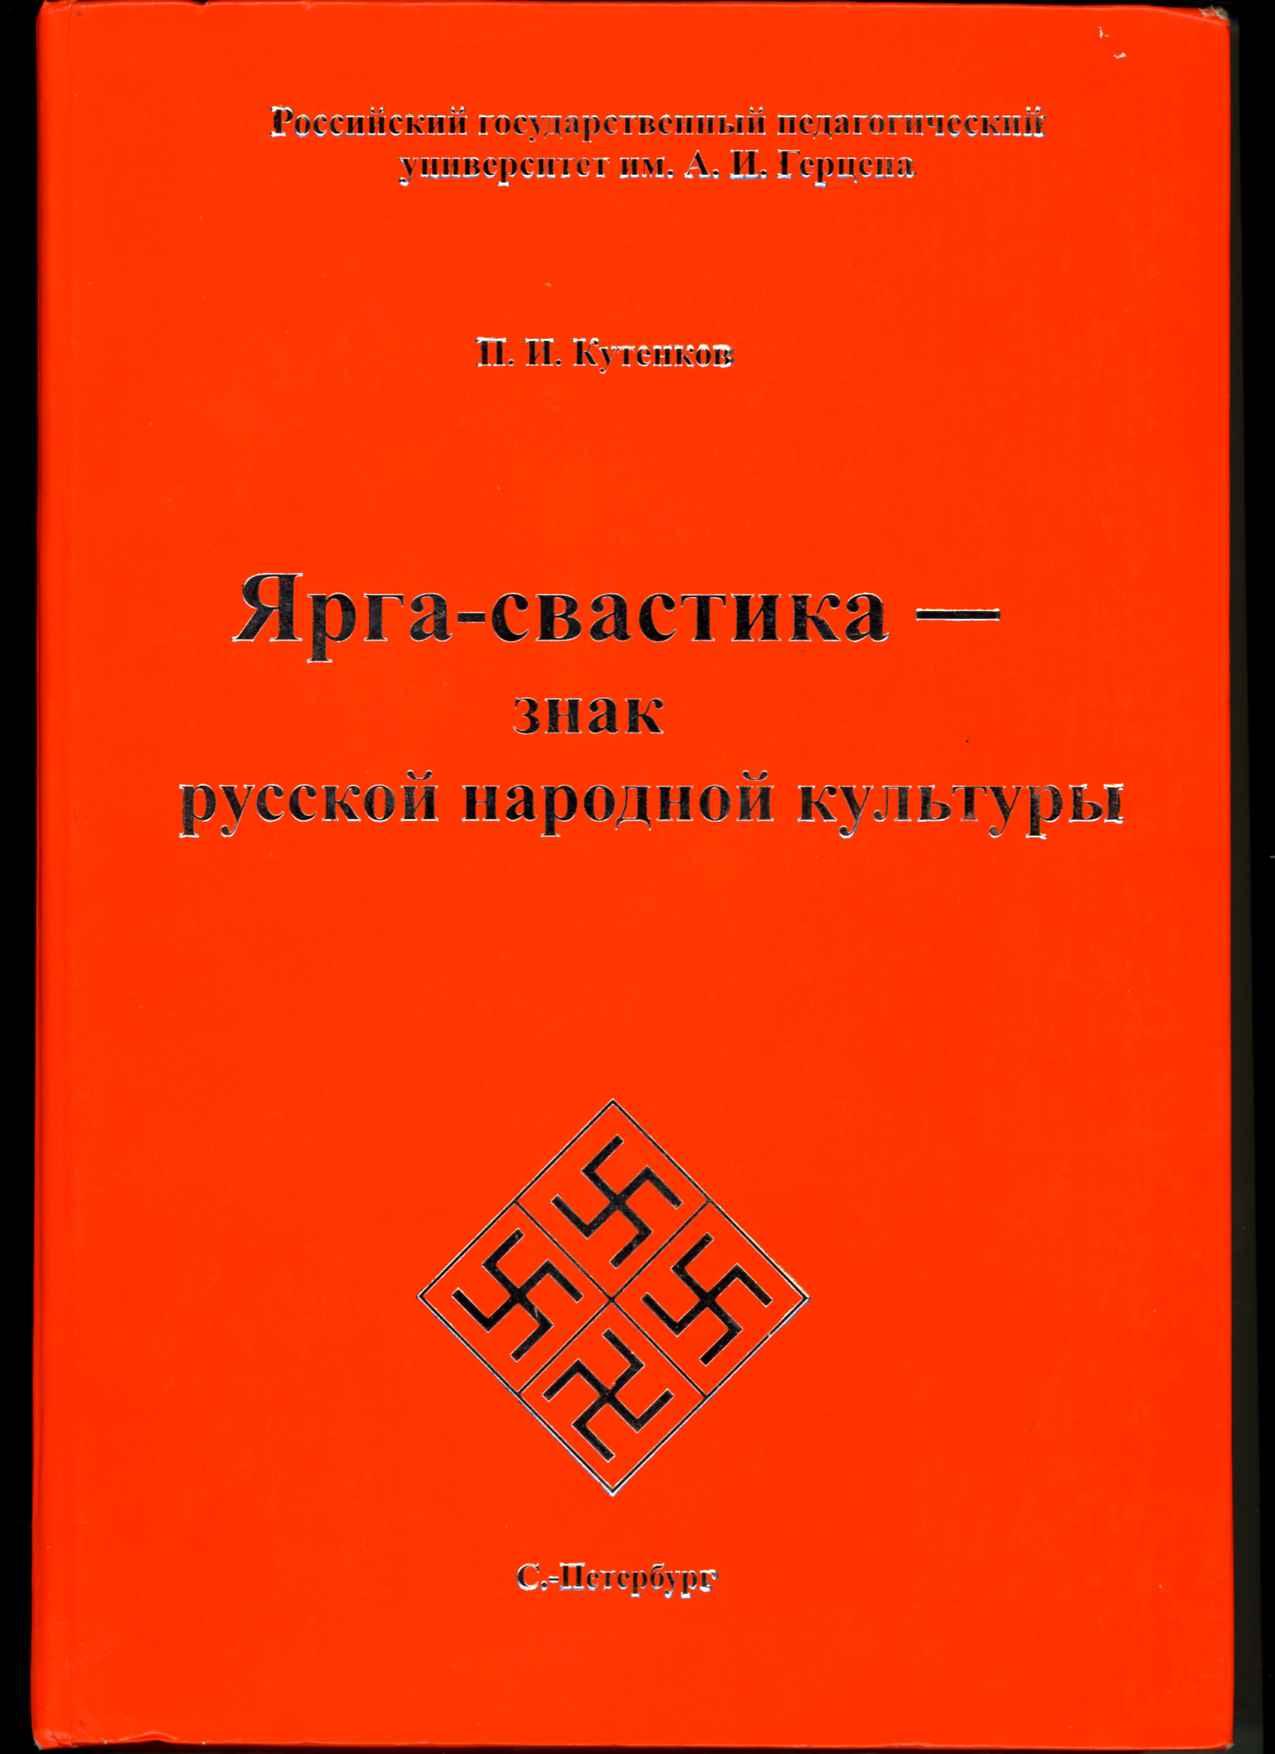 Символ русской народной культуры - Ярга-свастика.